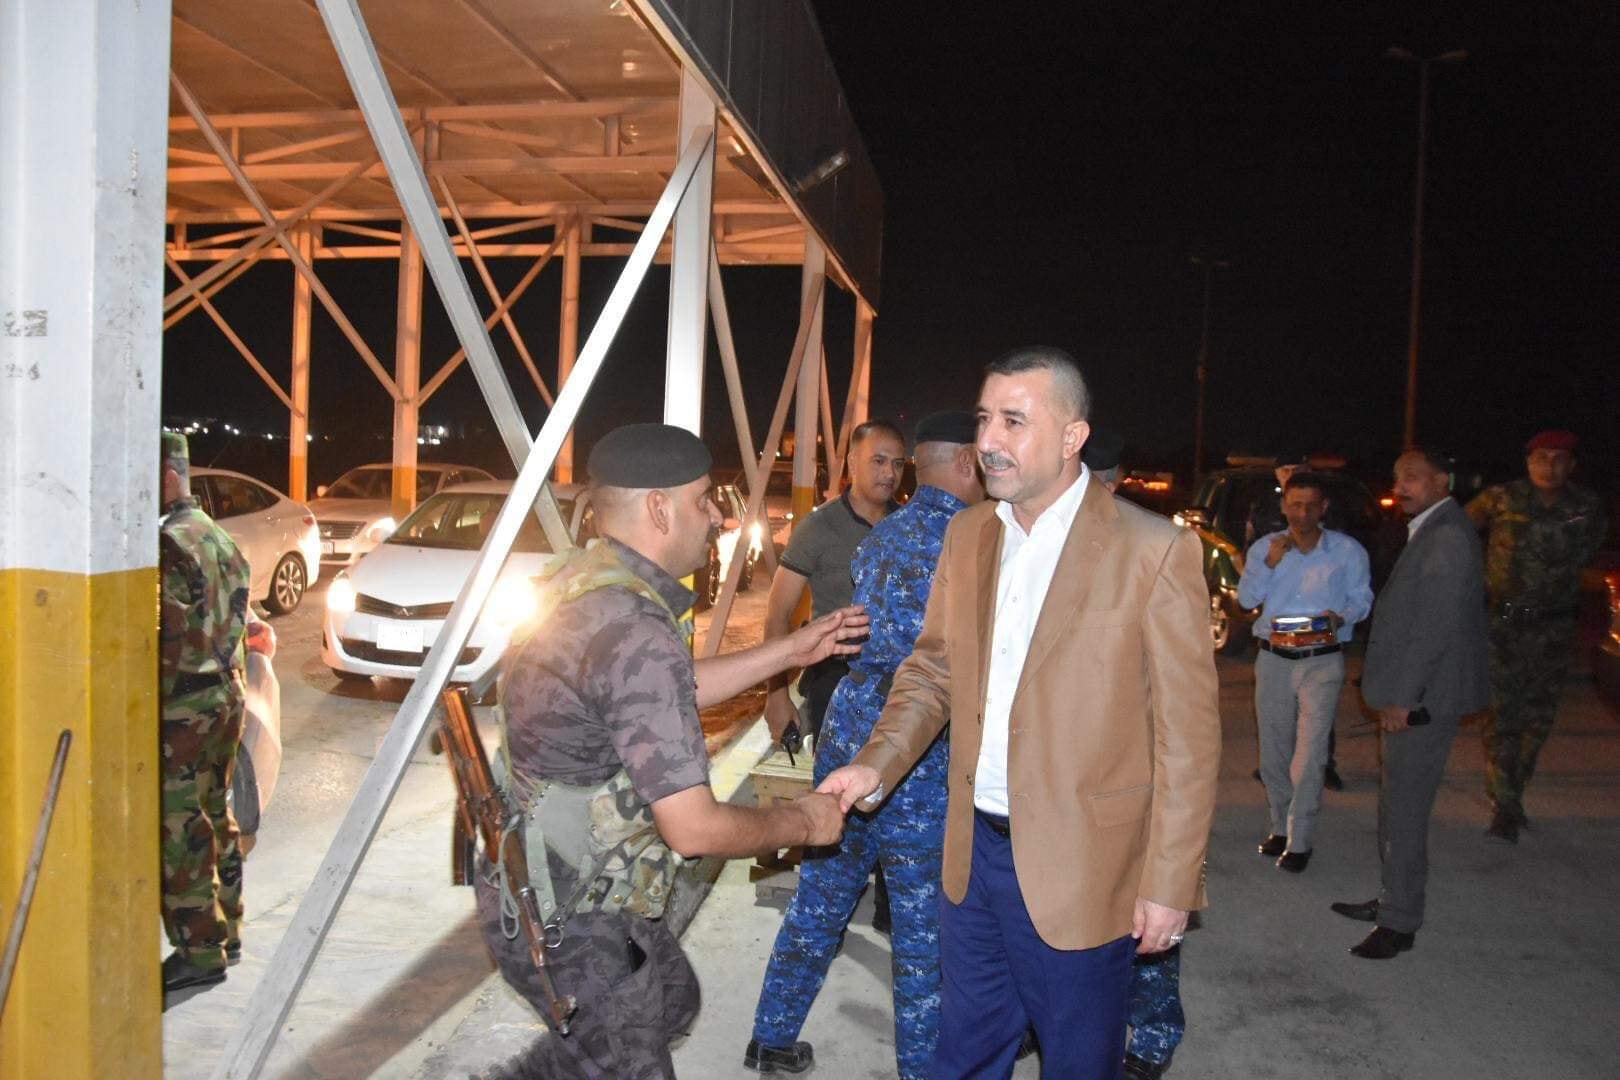 رئيس مجلس المحافظة يتفقد السيطرات الداخلية والخارجية ويقدم لهم التهاني بمناسبة عيد الفطر المبارك